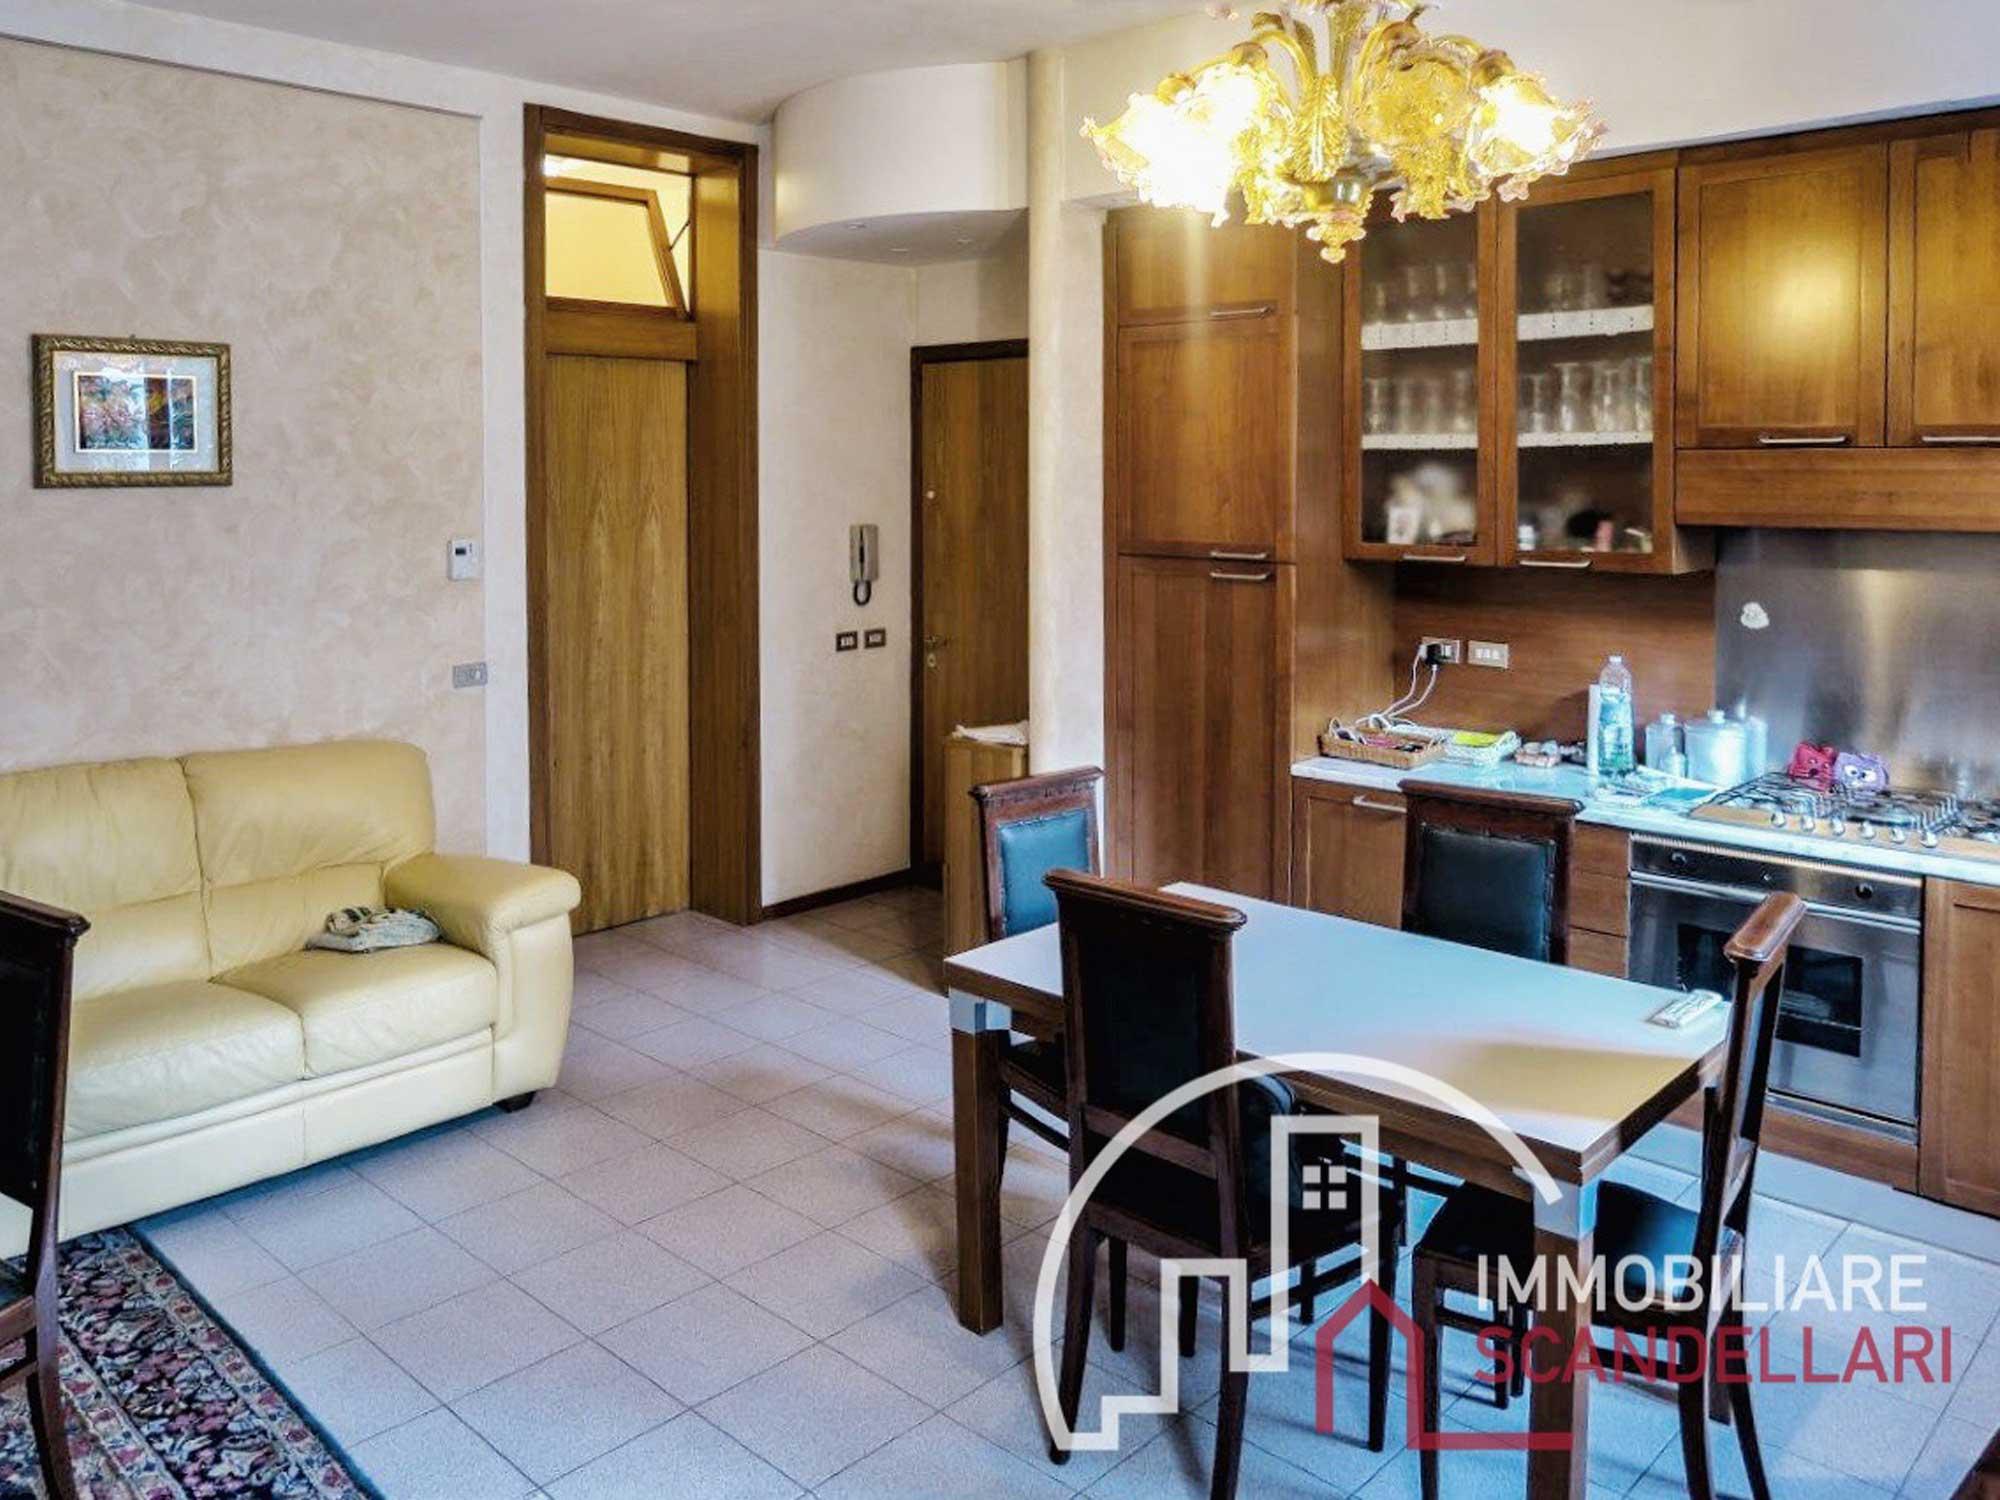 Rimini - Marina Centro - Appartamento su due livelli con tavernetta - Immobiliare Scandellari